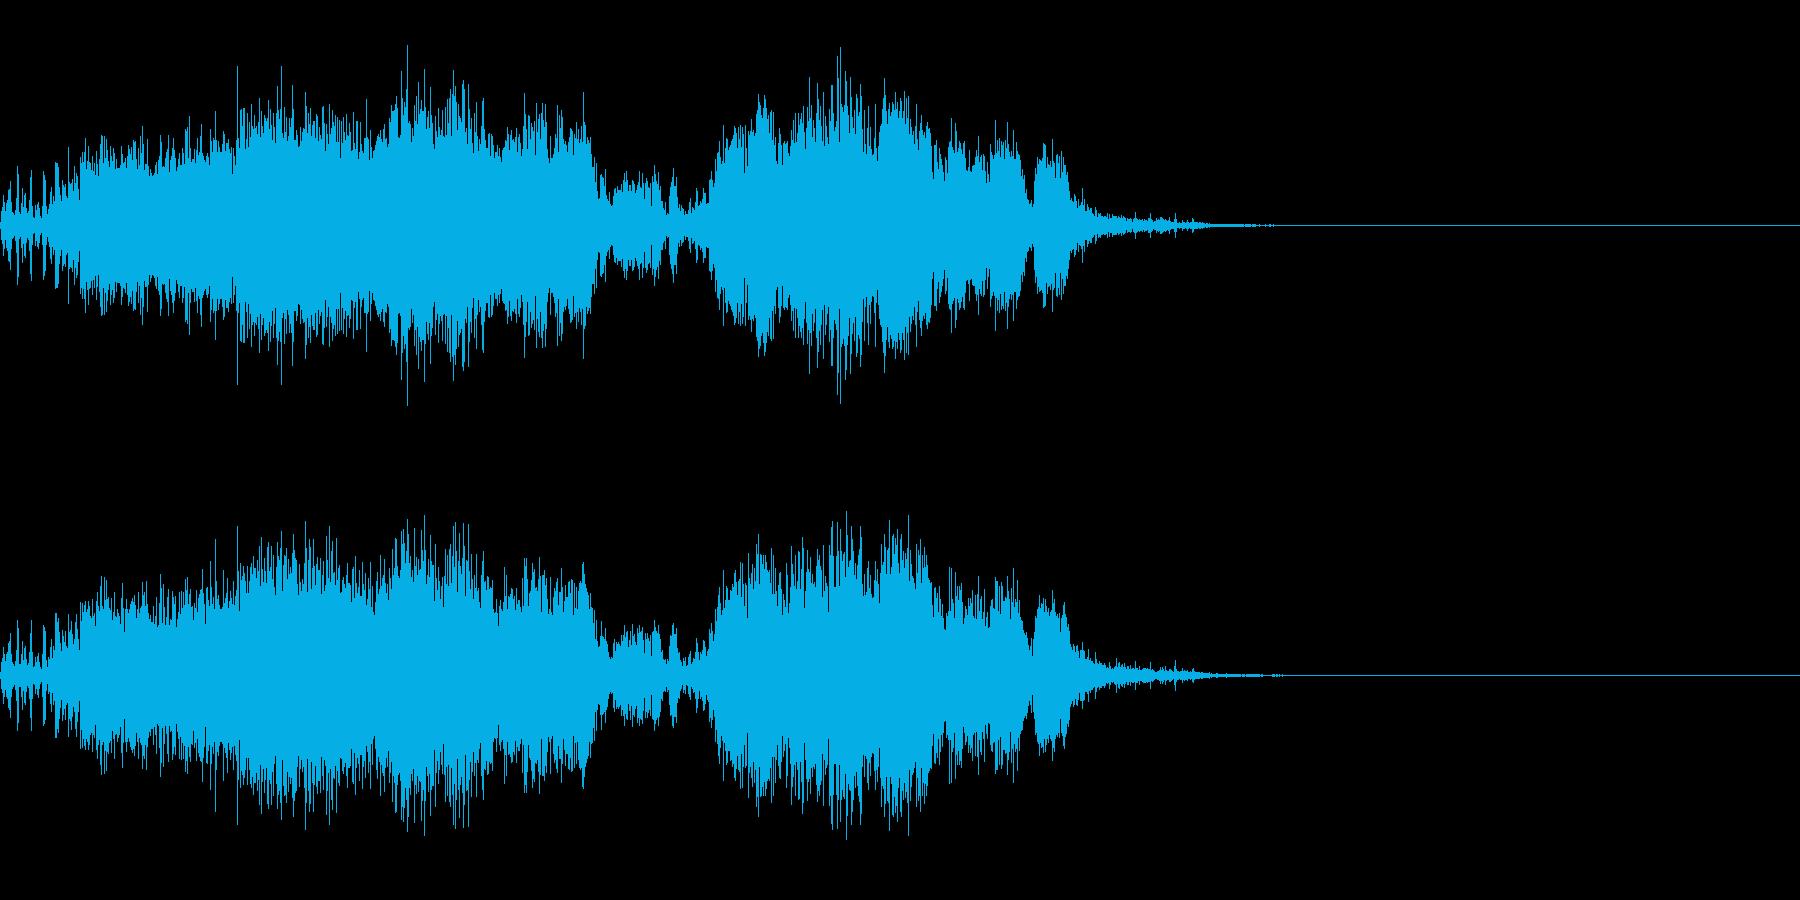 スパーク音-34の再生済みの波形